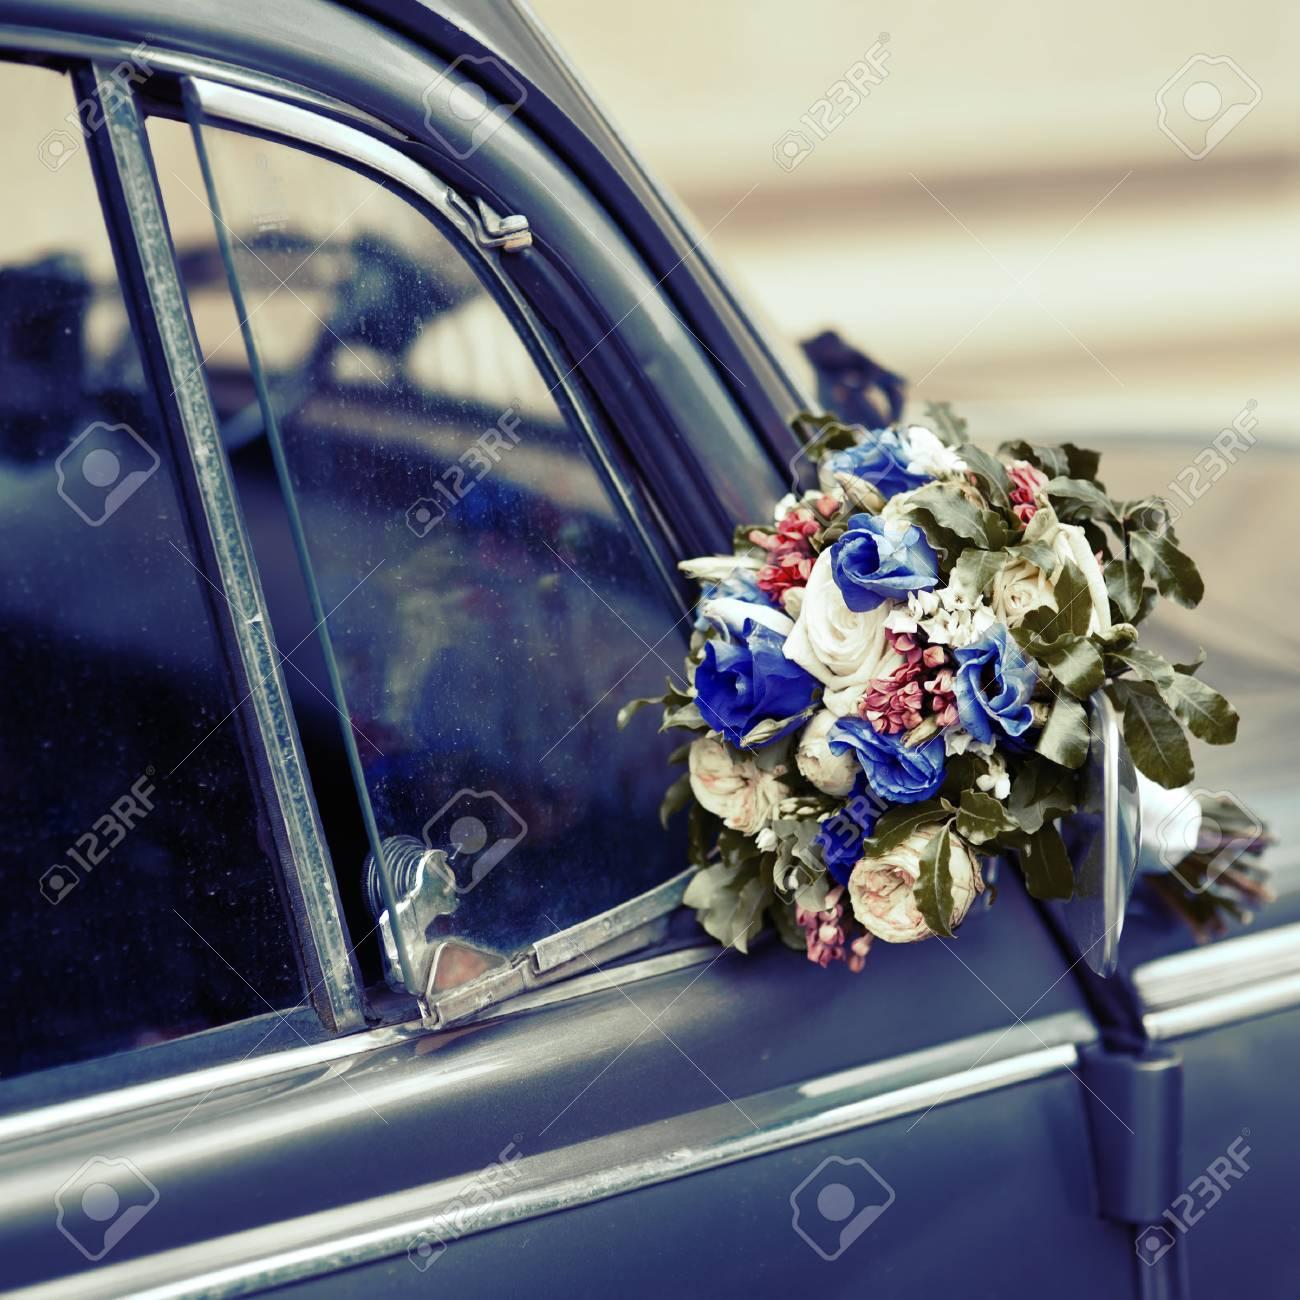 Vintage Picture Hochzeitsblumenstrauss Auf Altmodische Auto